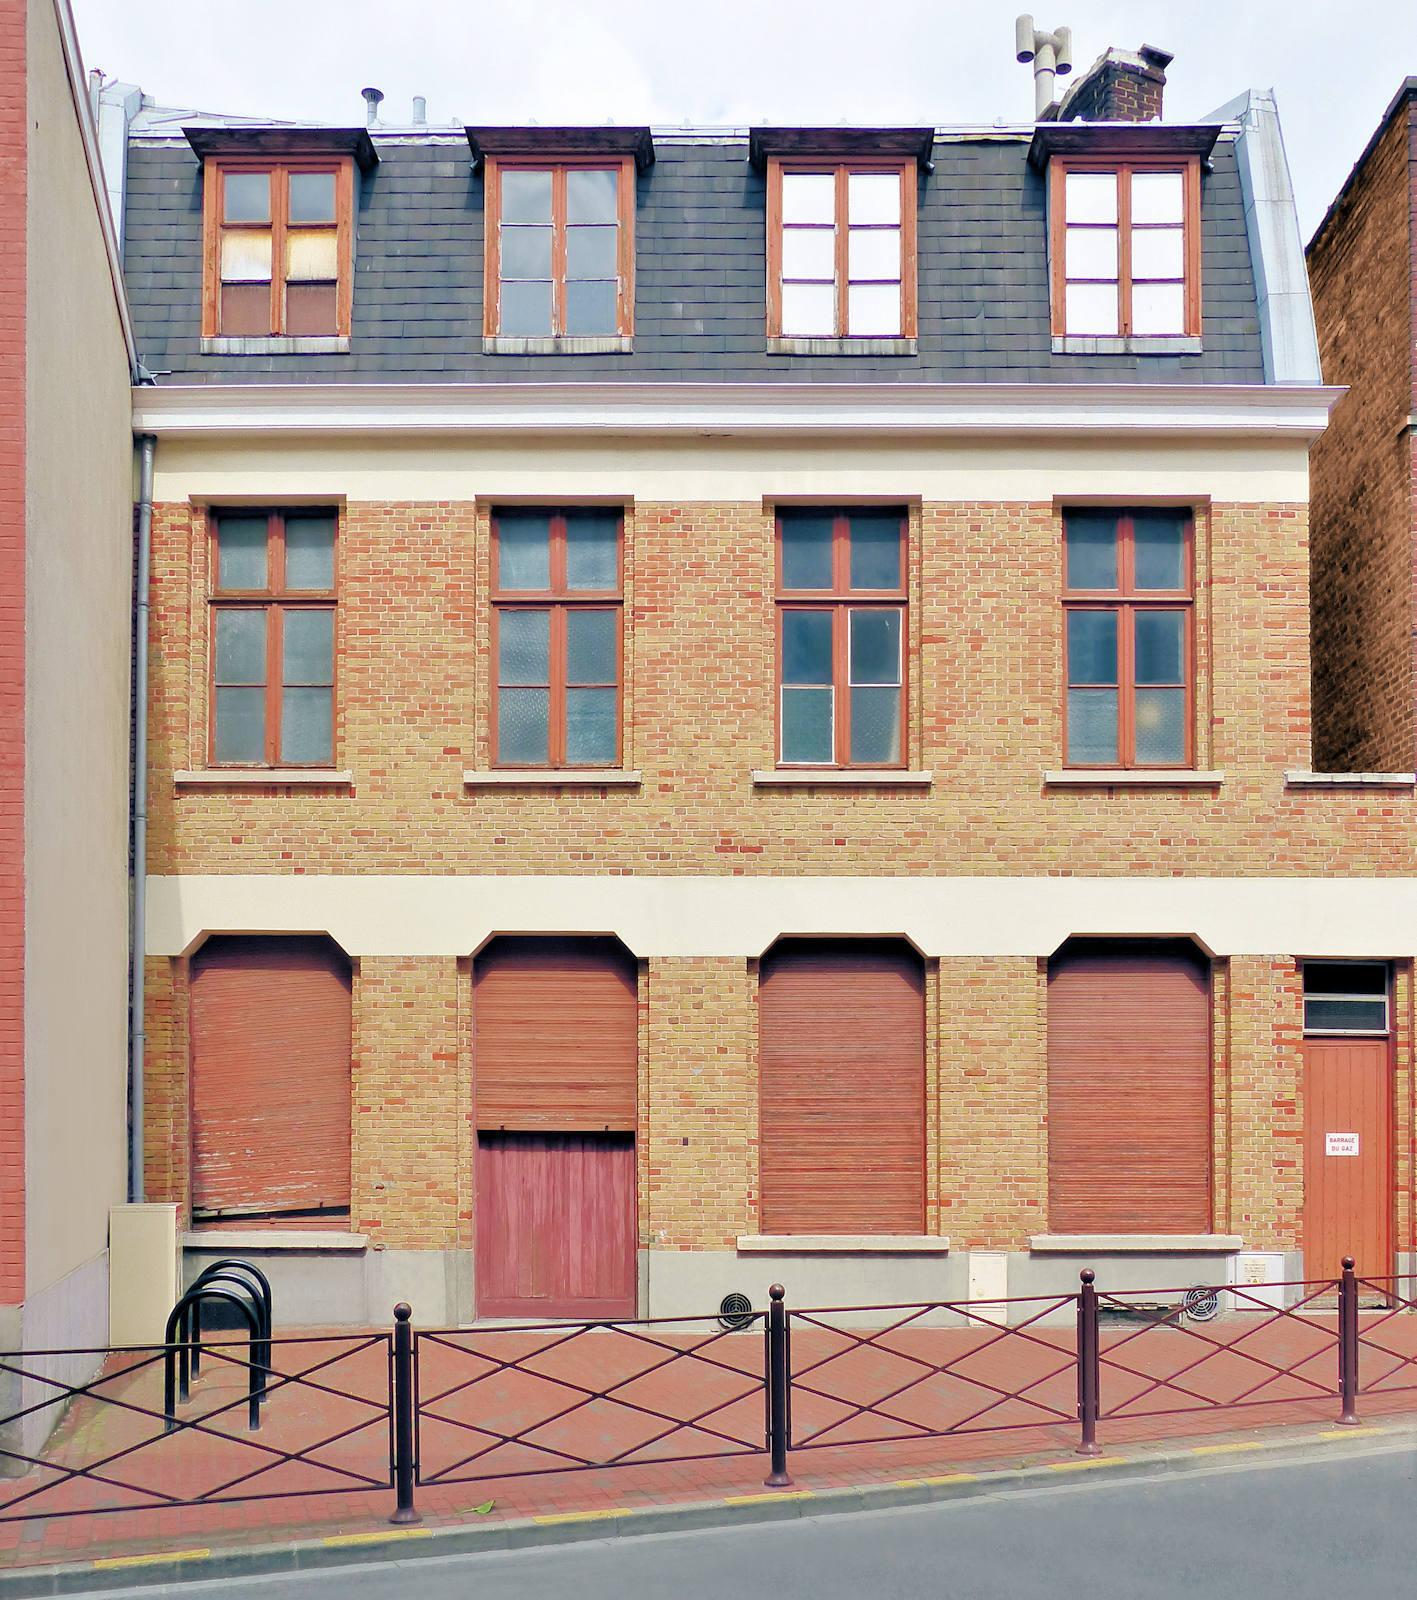 École Primaire CNDI, bâtiment annexe - Tourcoing